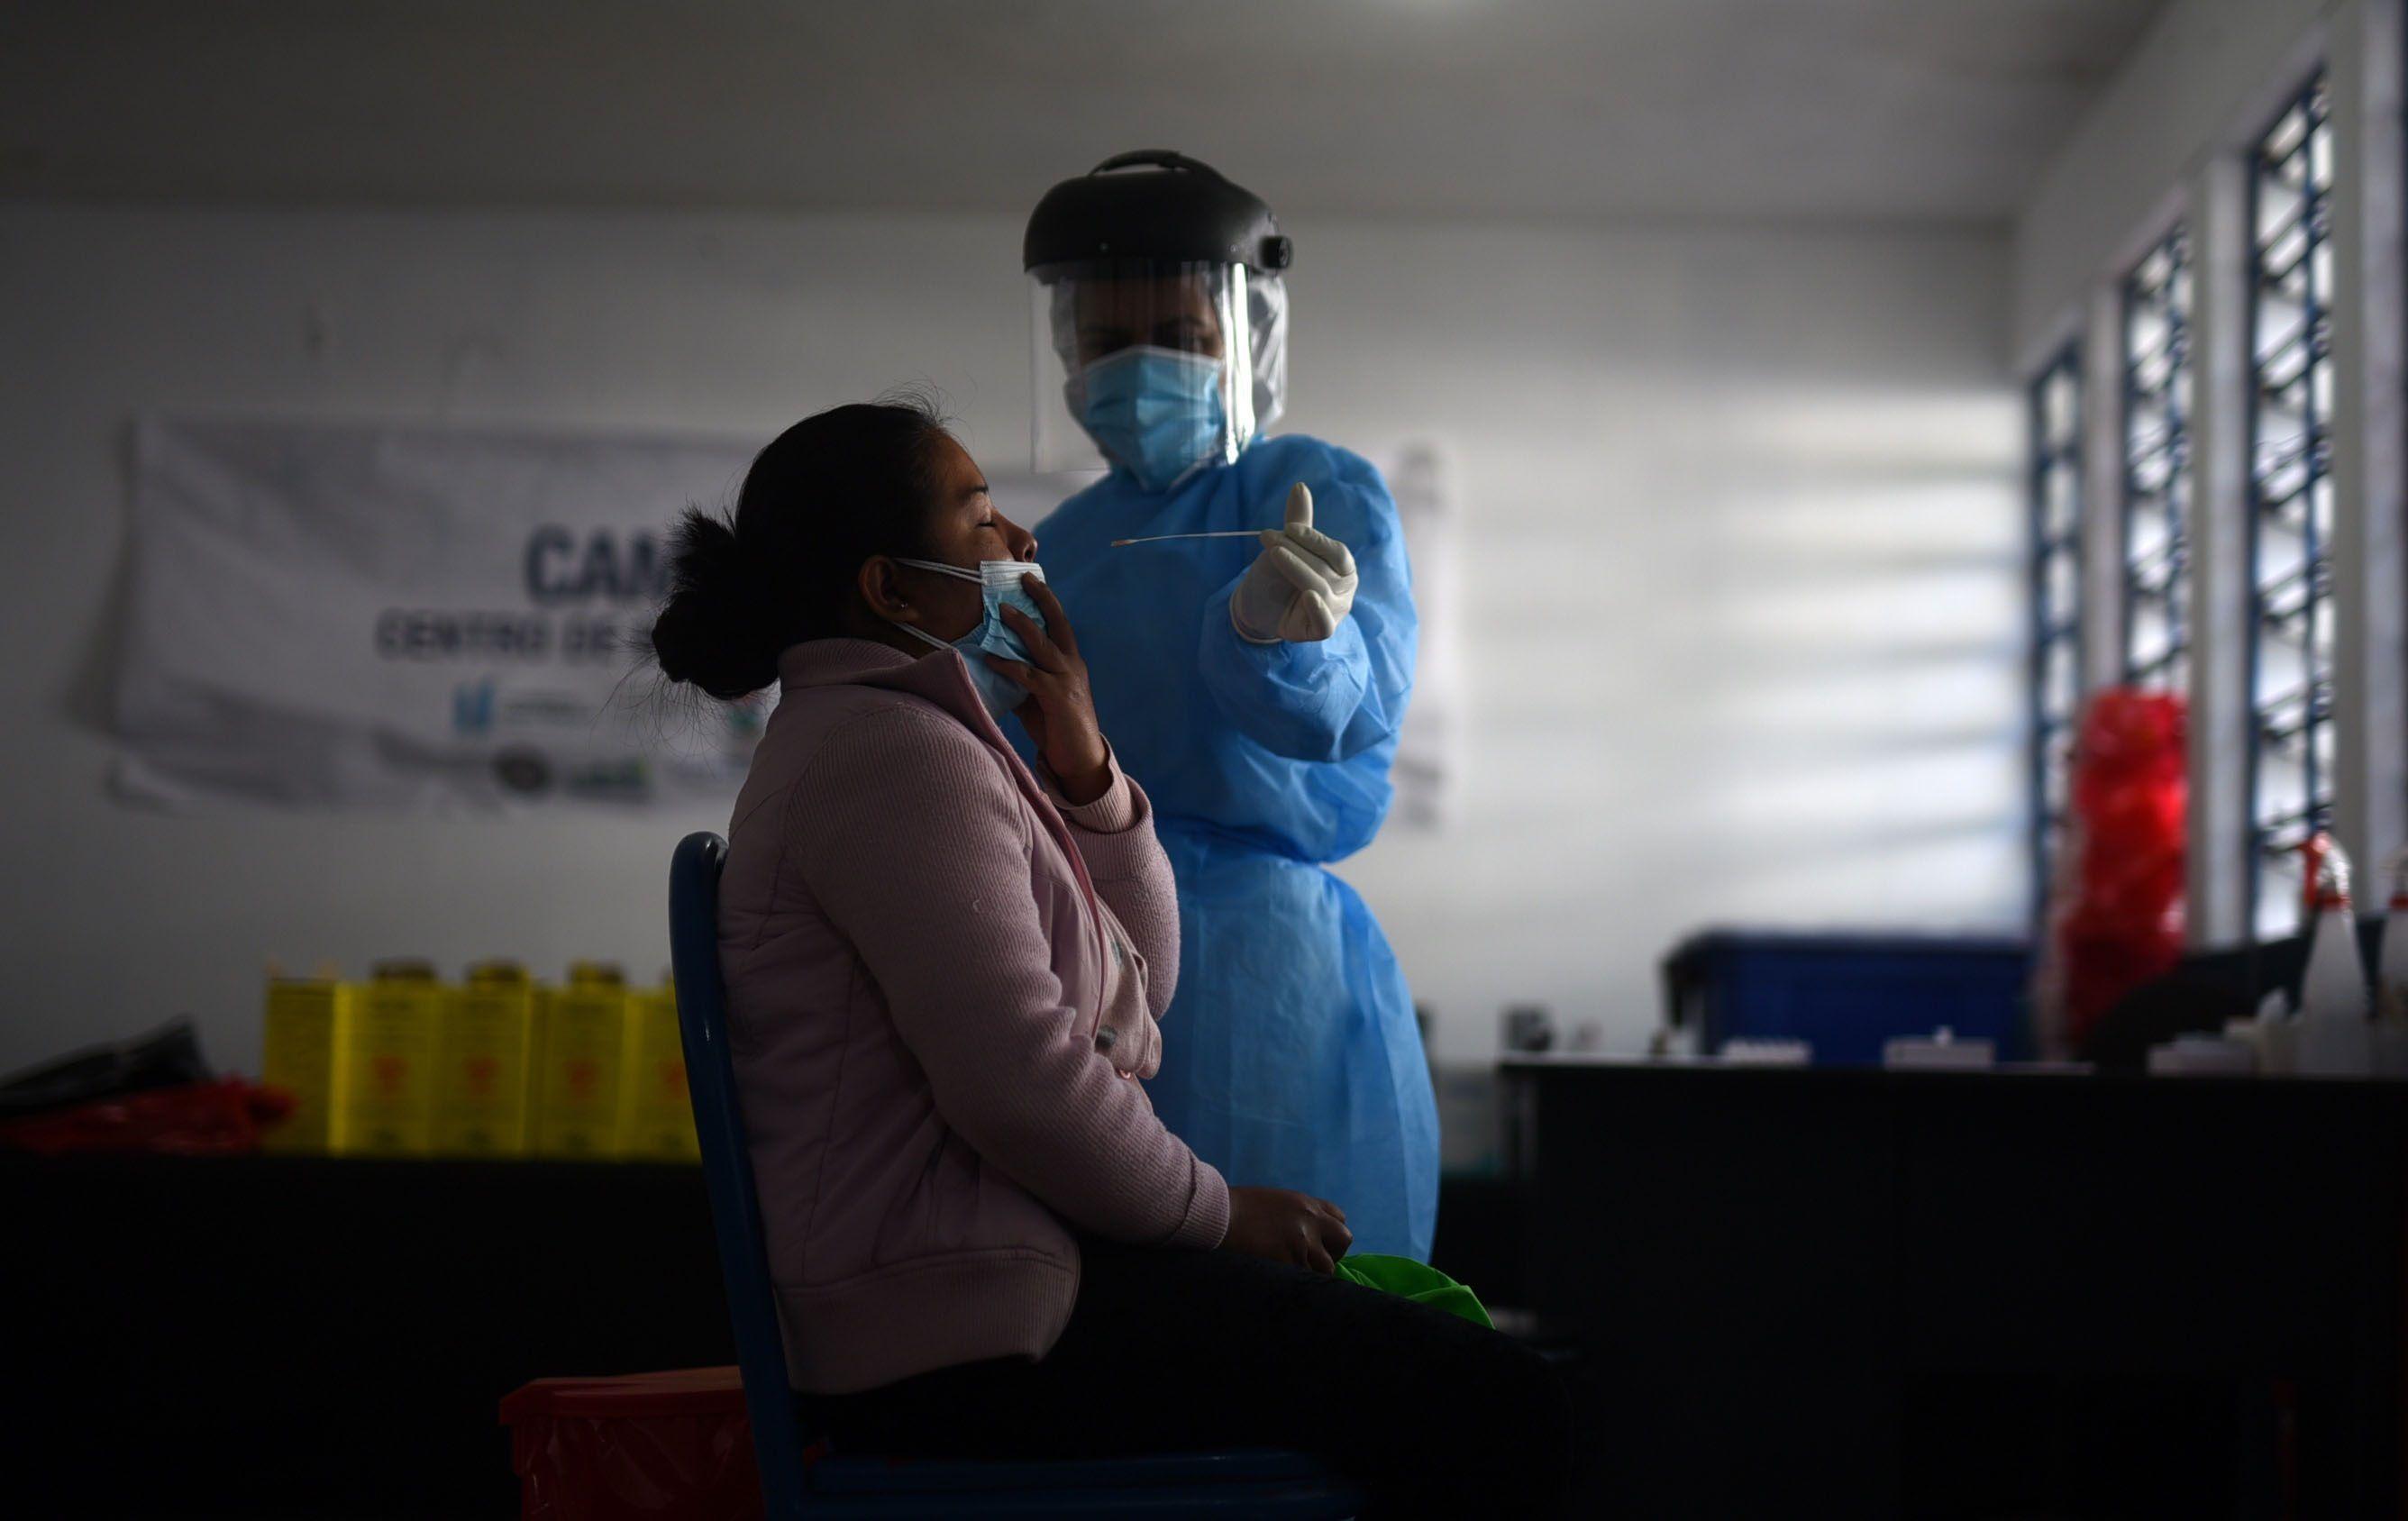 Personas acuden a uno de los Centros de Bienestar Respiratorios, habilitados por la Municipalidad de Guatemala, para detectar casos tempranos de la covid-19. EFE/Edwin Bercõan/Archivo